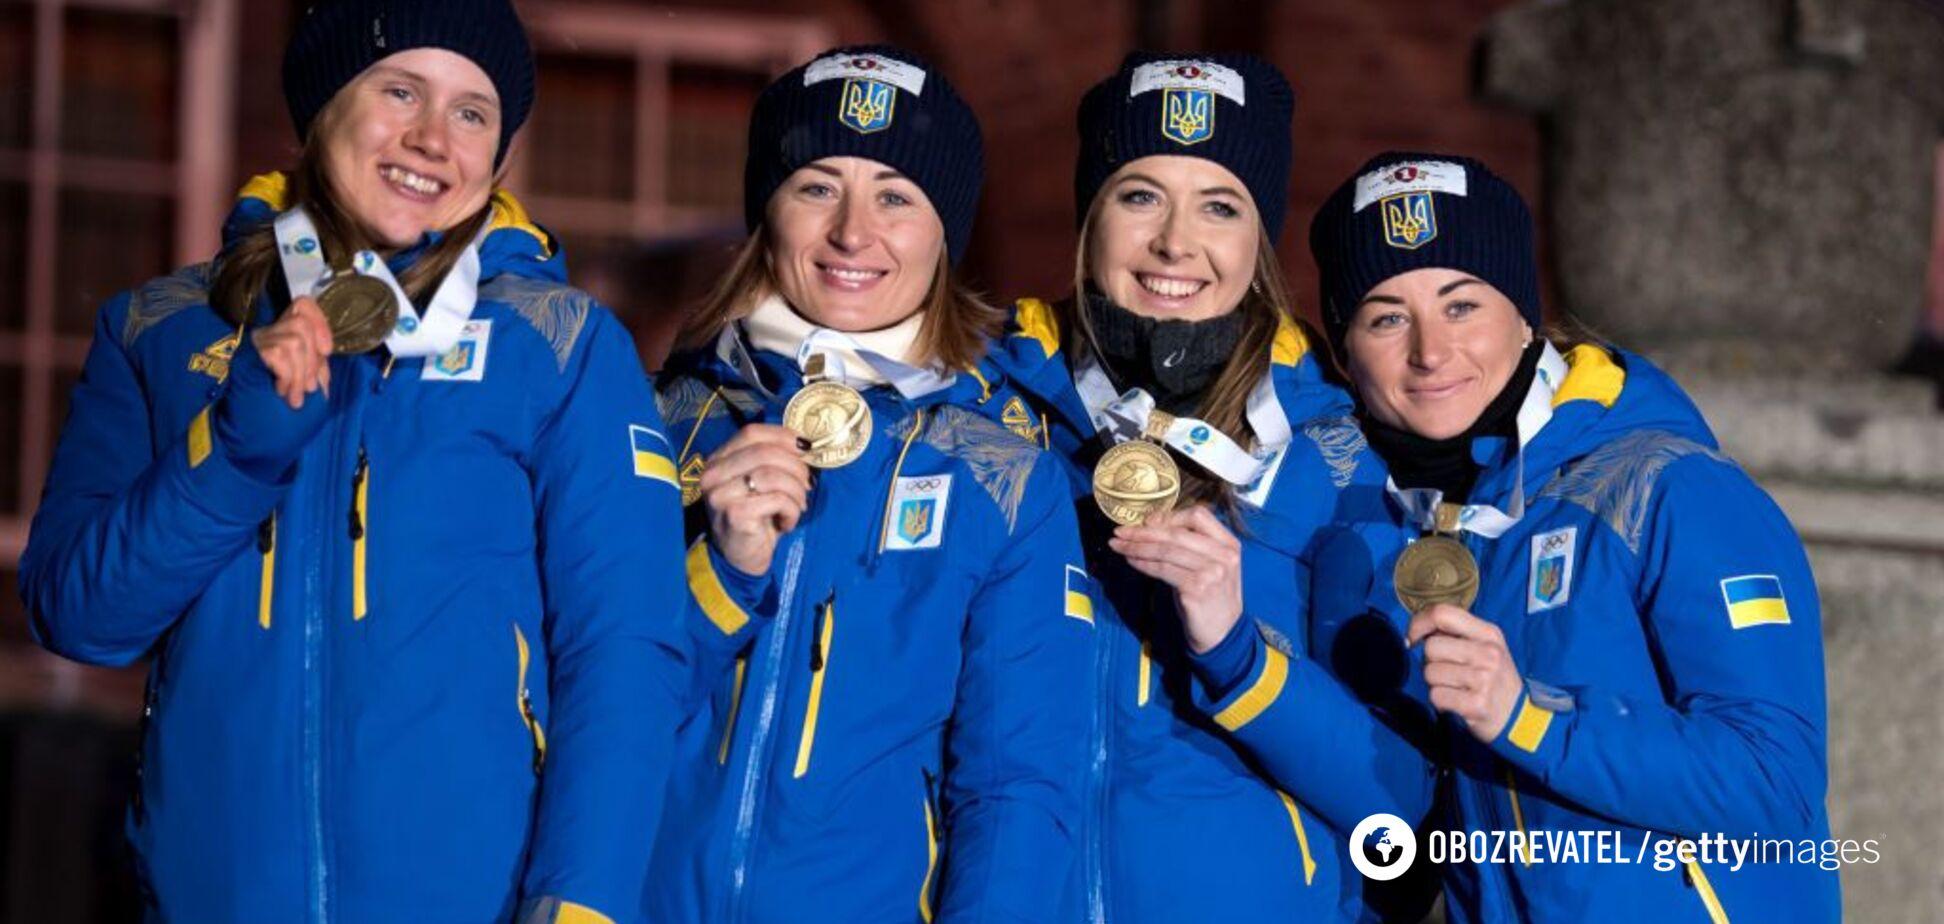 Украина финишировала в топ-5 медального зачета ЧМ по биатлону, опередив Россию